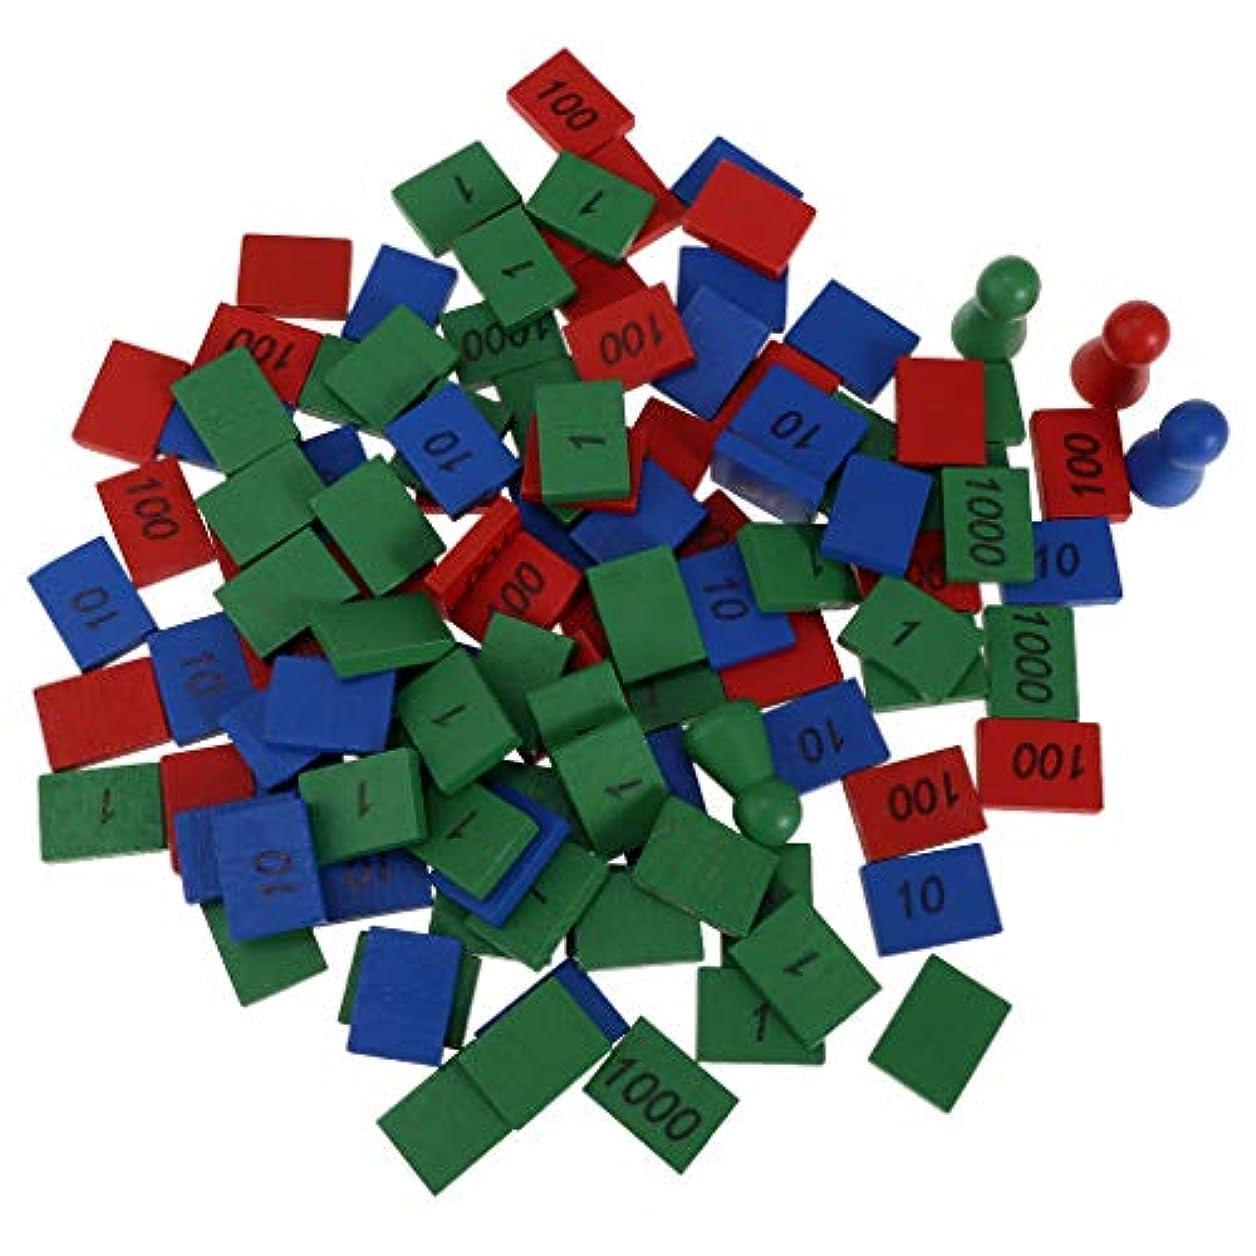 事件、出来事レタス落胆したP Prettyia おもちゃ カラフルな 数学 子供たち 教育用 木製ラウンドヘッドコーン